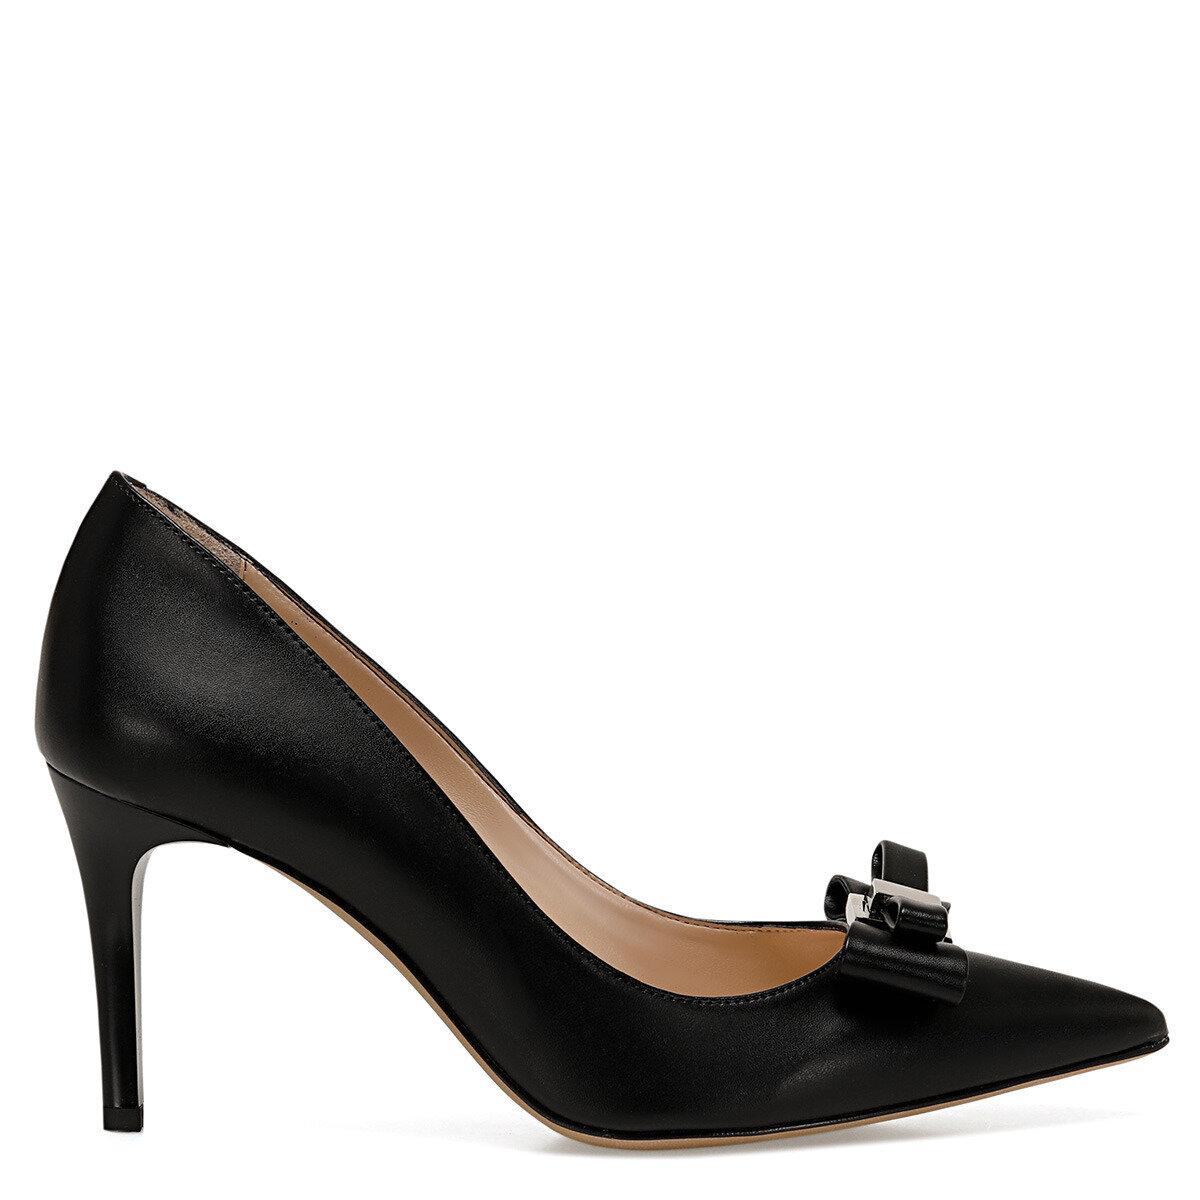 OLIVA Siyah Kadın Gova Ayakkabı